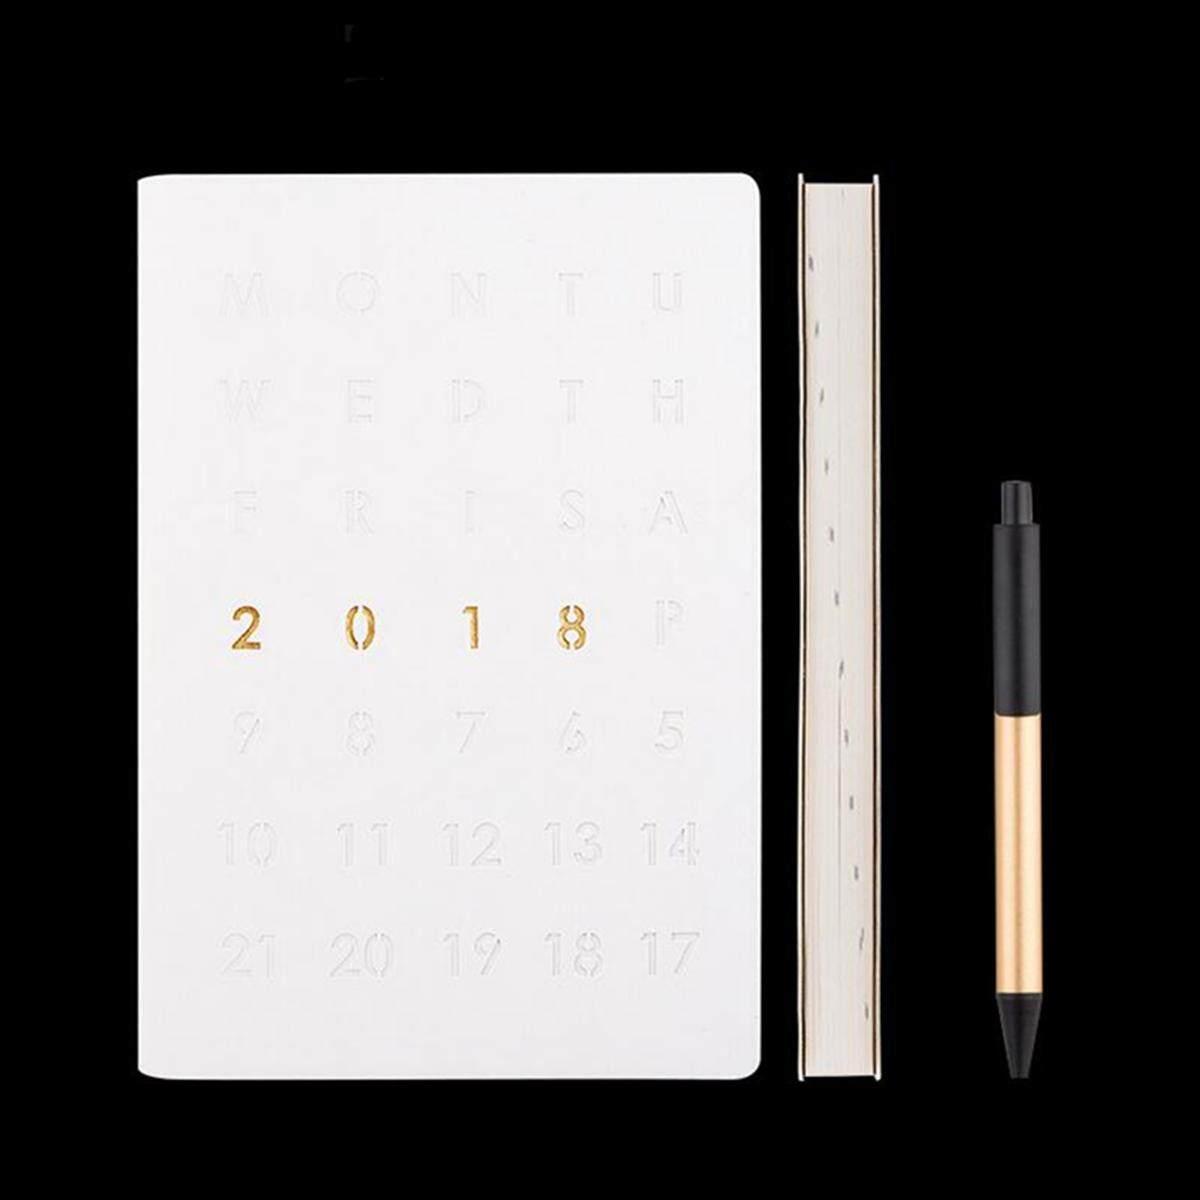 2018 สัปดาห์เพื่อดูหรือวันหน้าไดอารี่ Planner ใน Slimline, Quarto A5 หรือ A4  สีขาว - นานาชาติ.